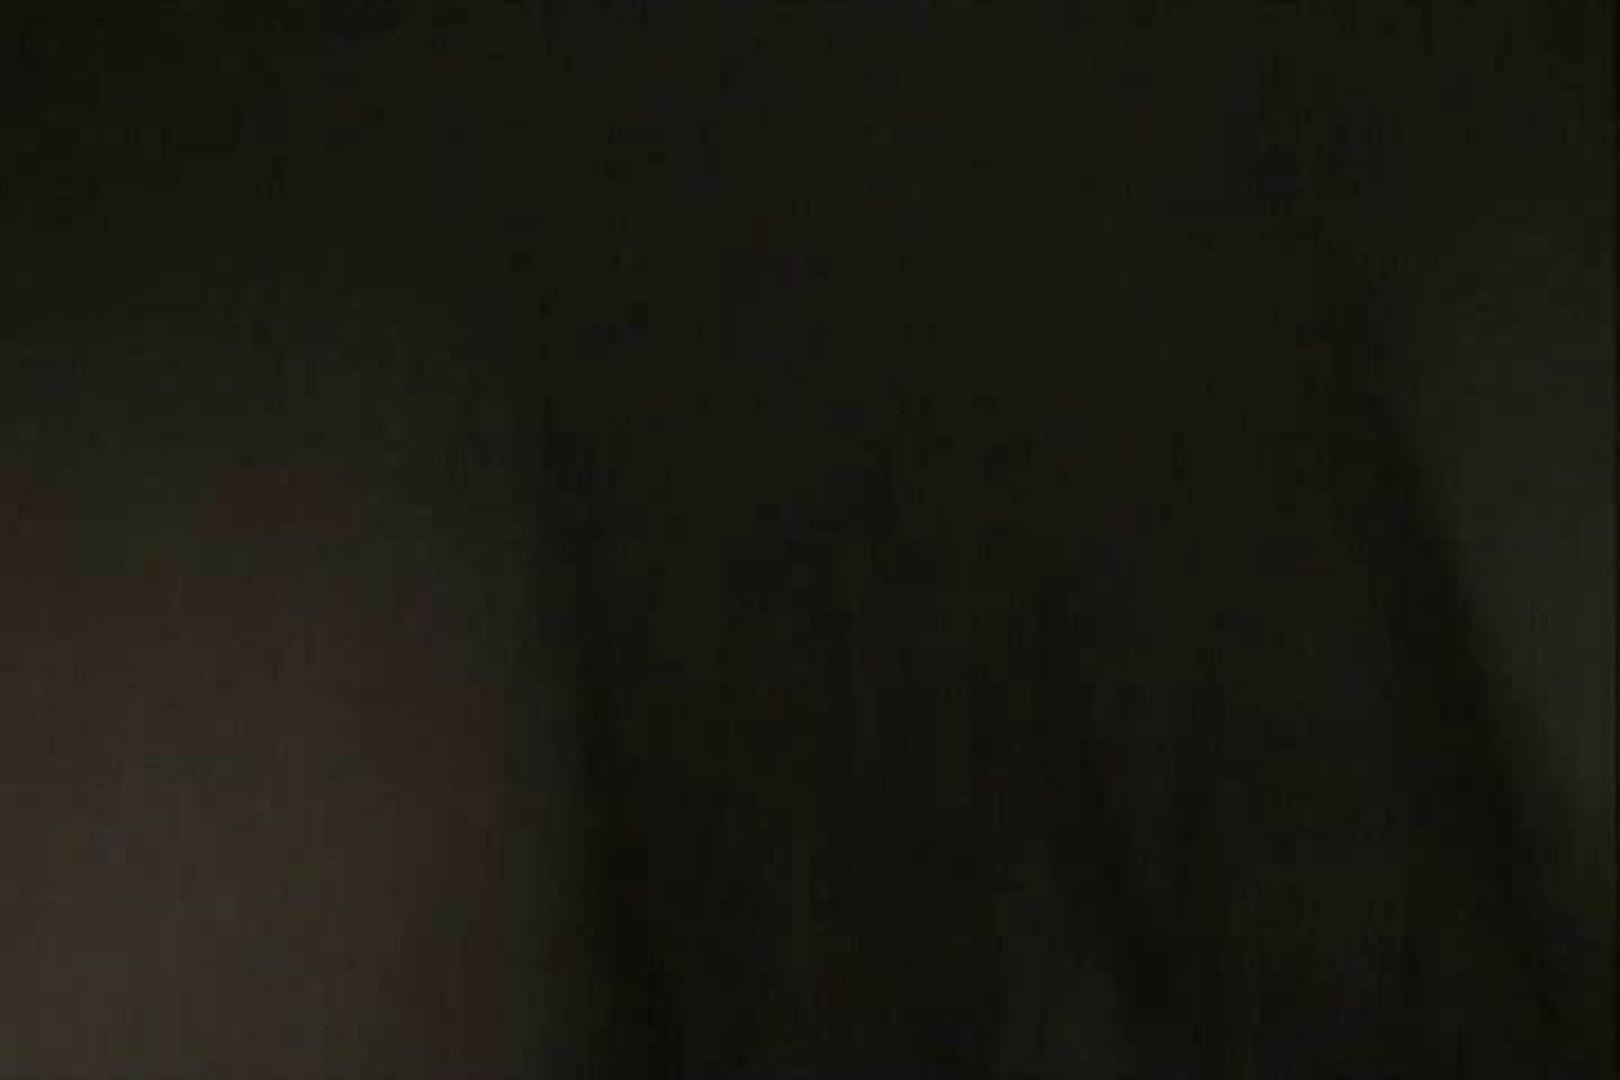 ぼっとん洗面所スペシャルVol.4 洗面所 われめAV動画紹介 94PIX 3